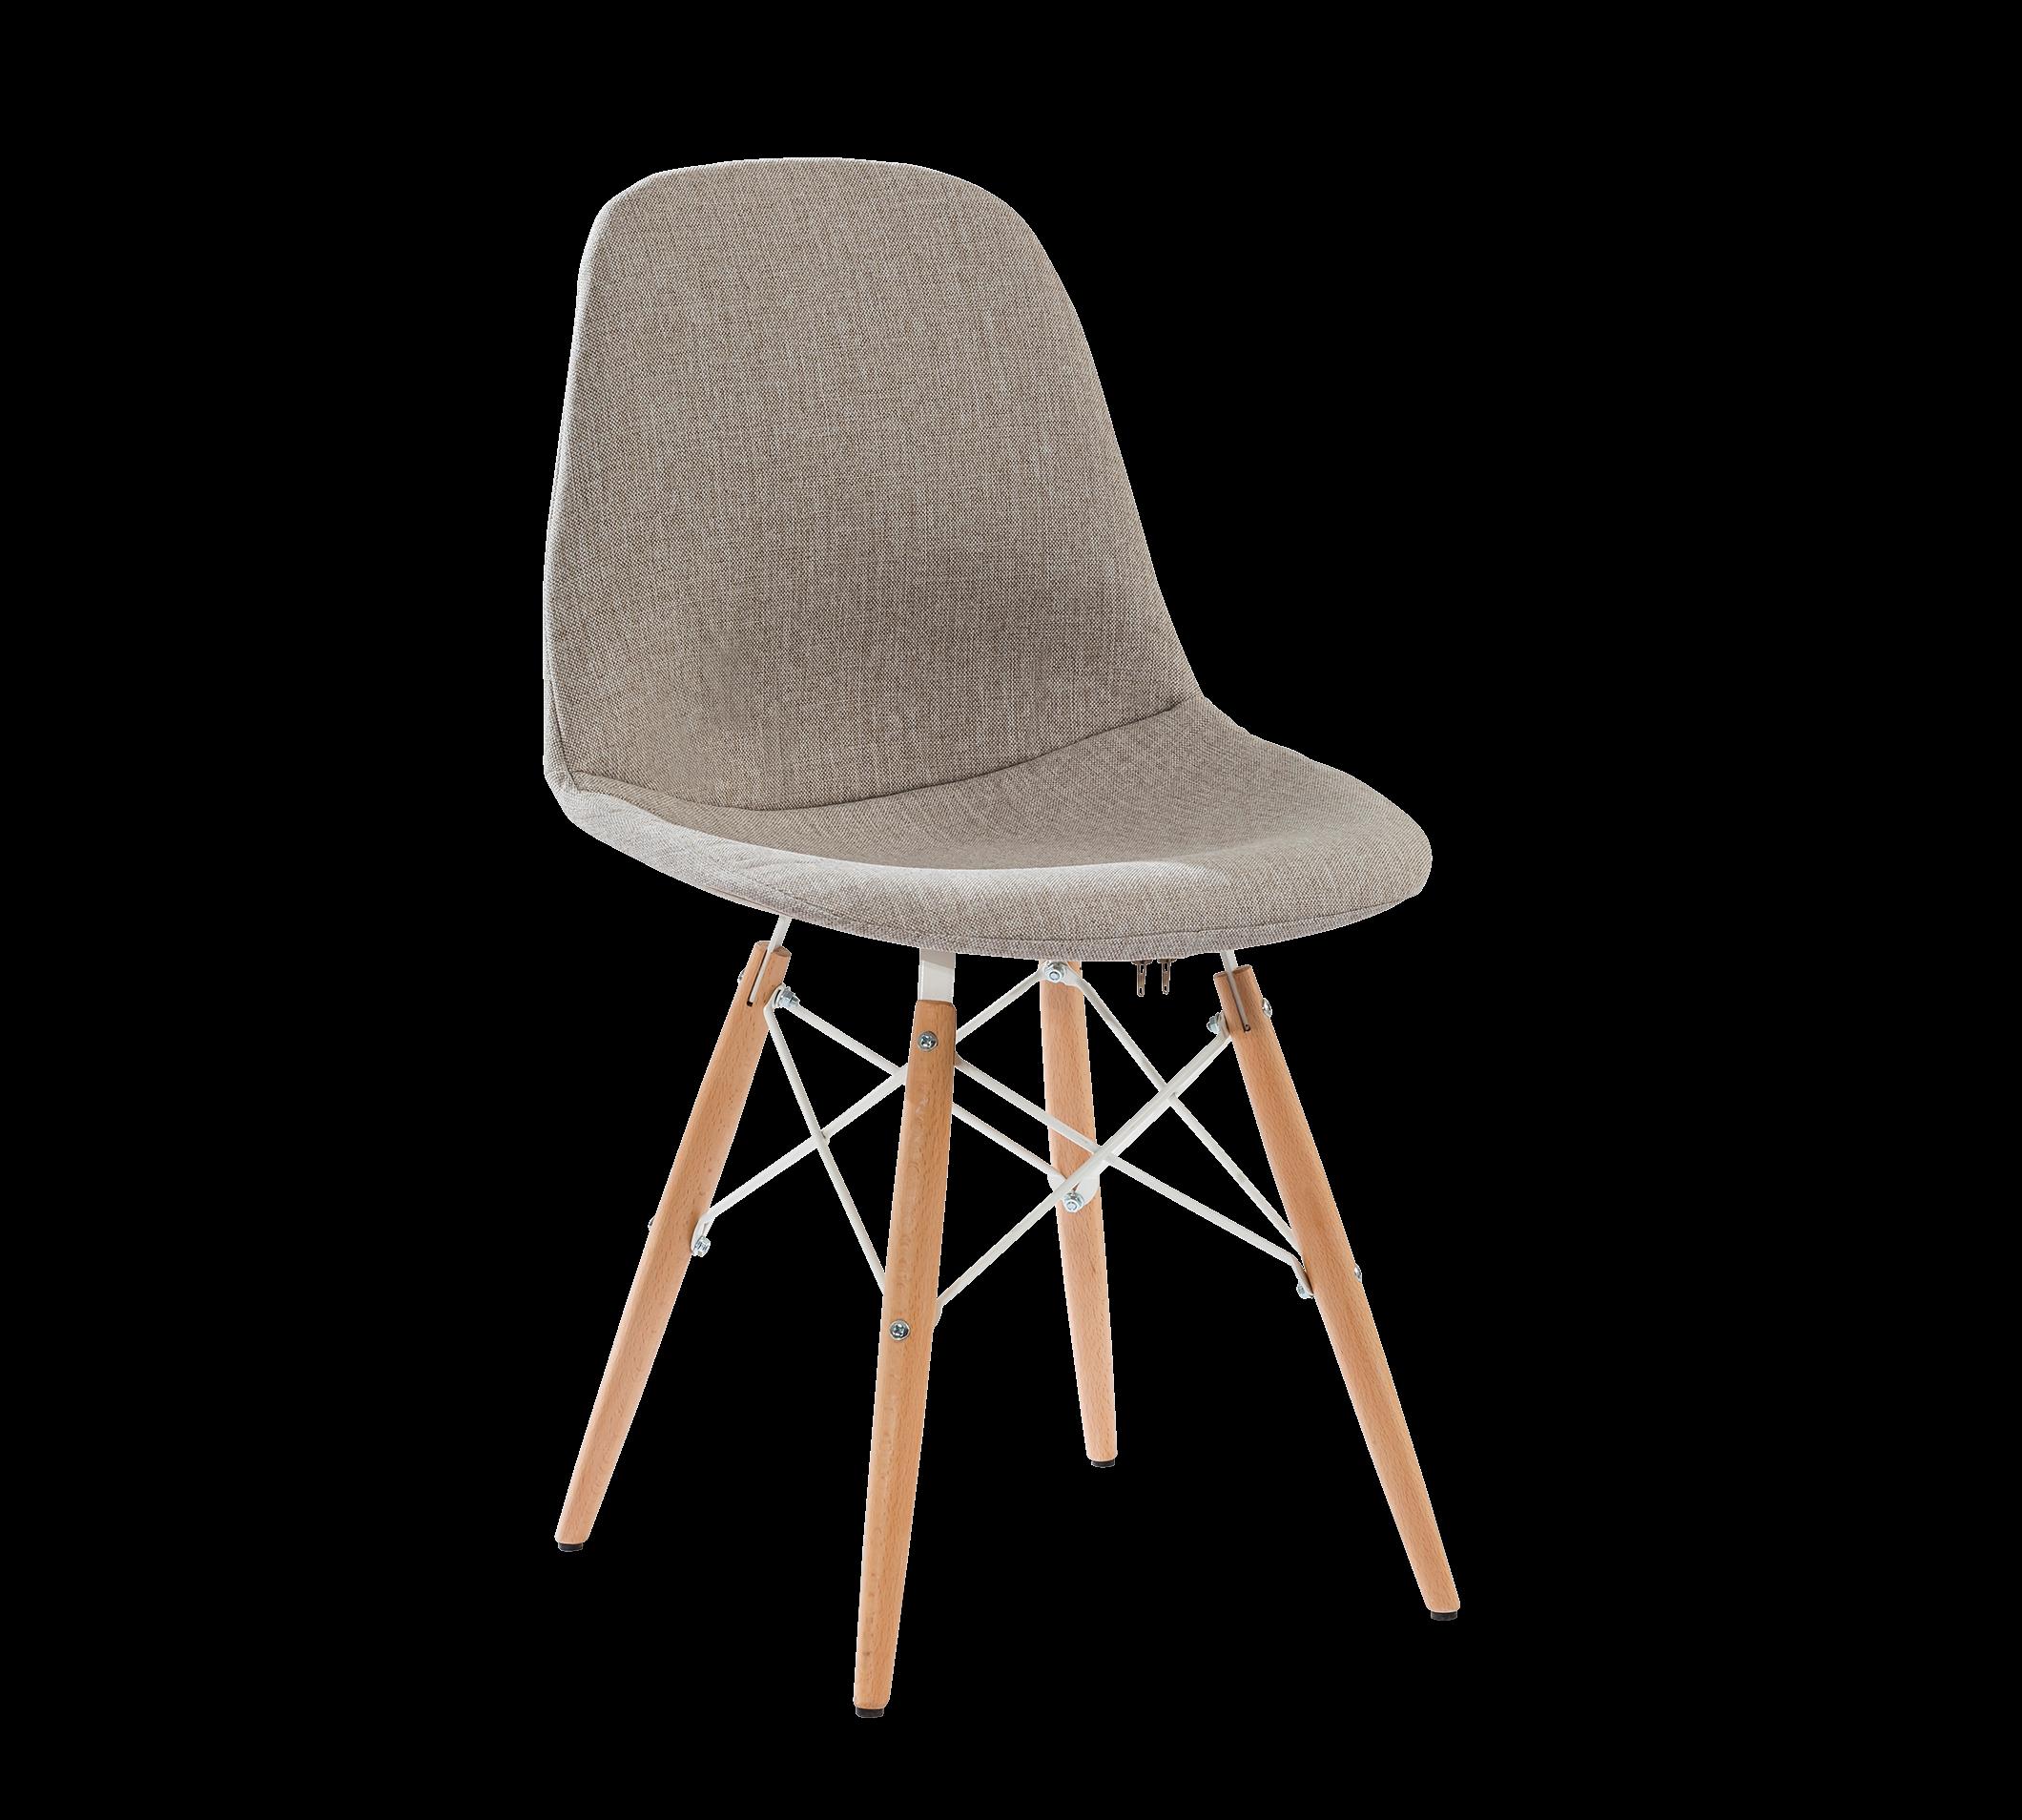 Scaun pentru copii tapitat cu stofa si picioare din lemn Dynamic Grej, l50xA50xH85 cm imagine